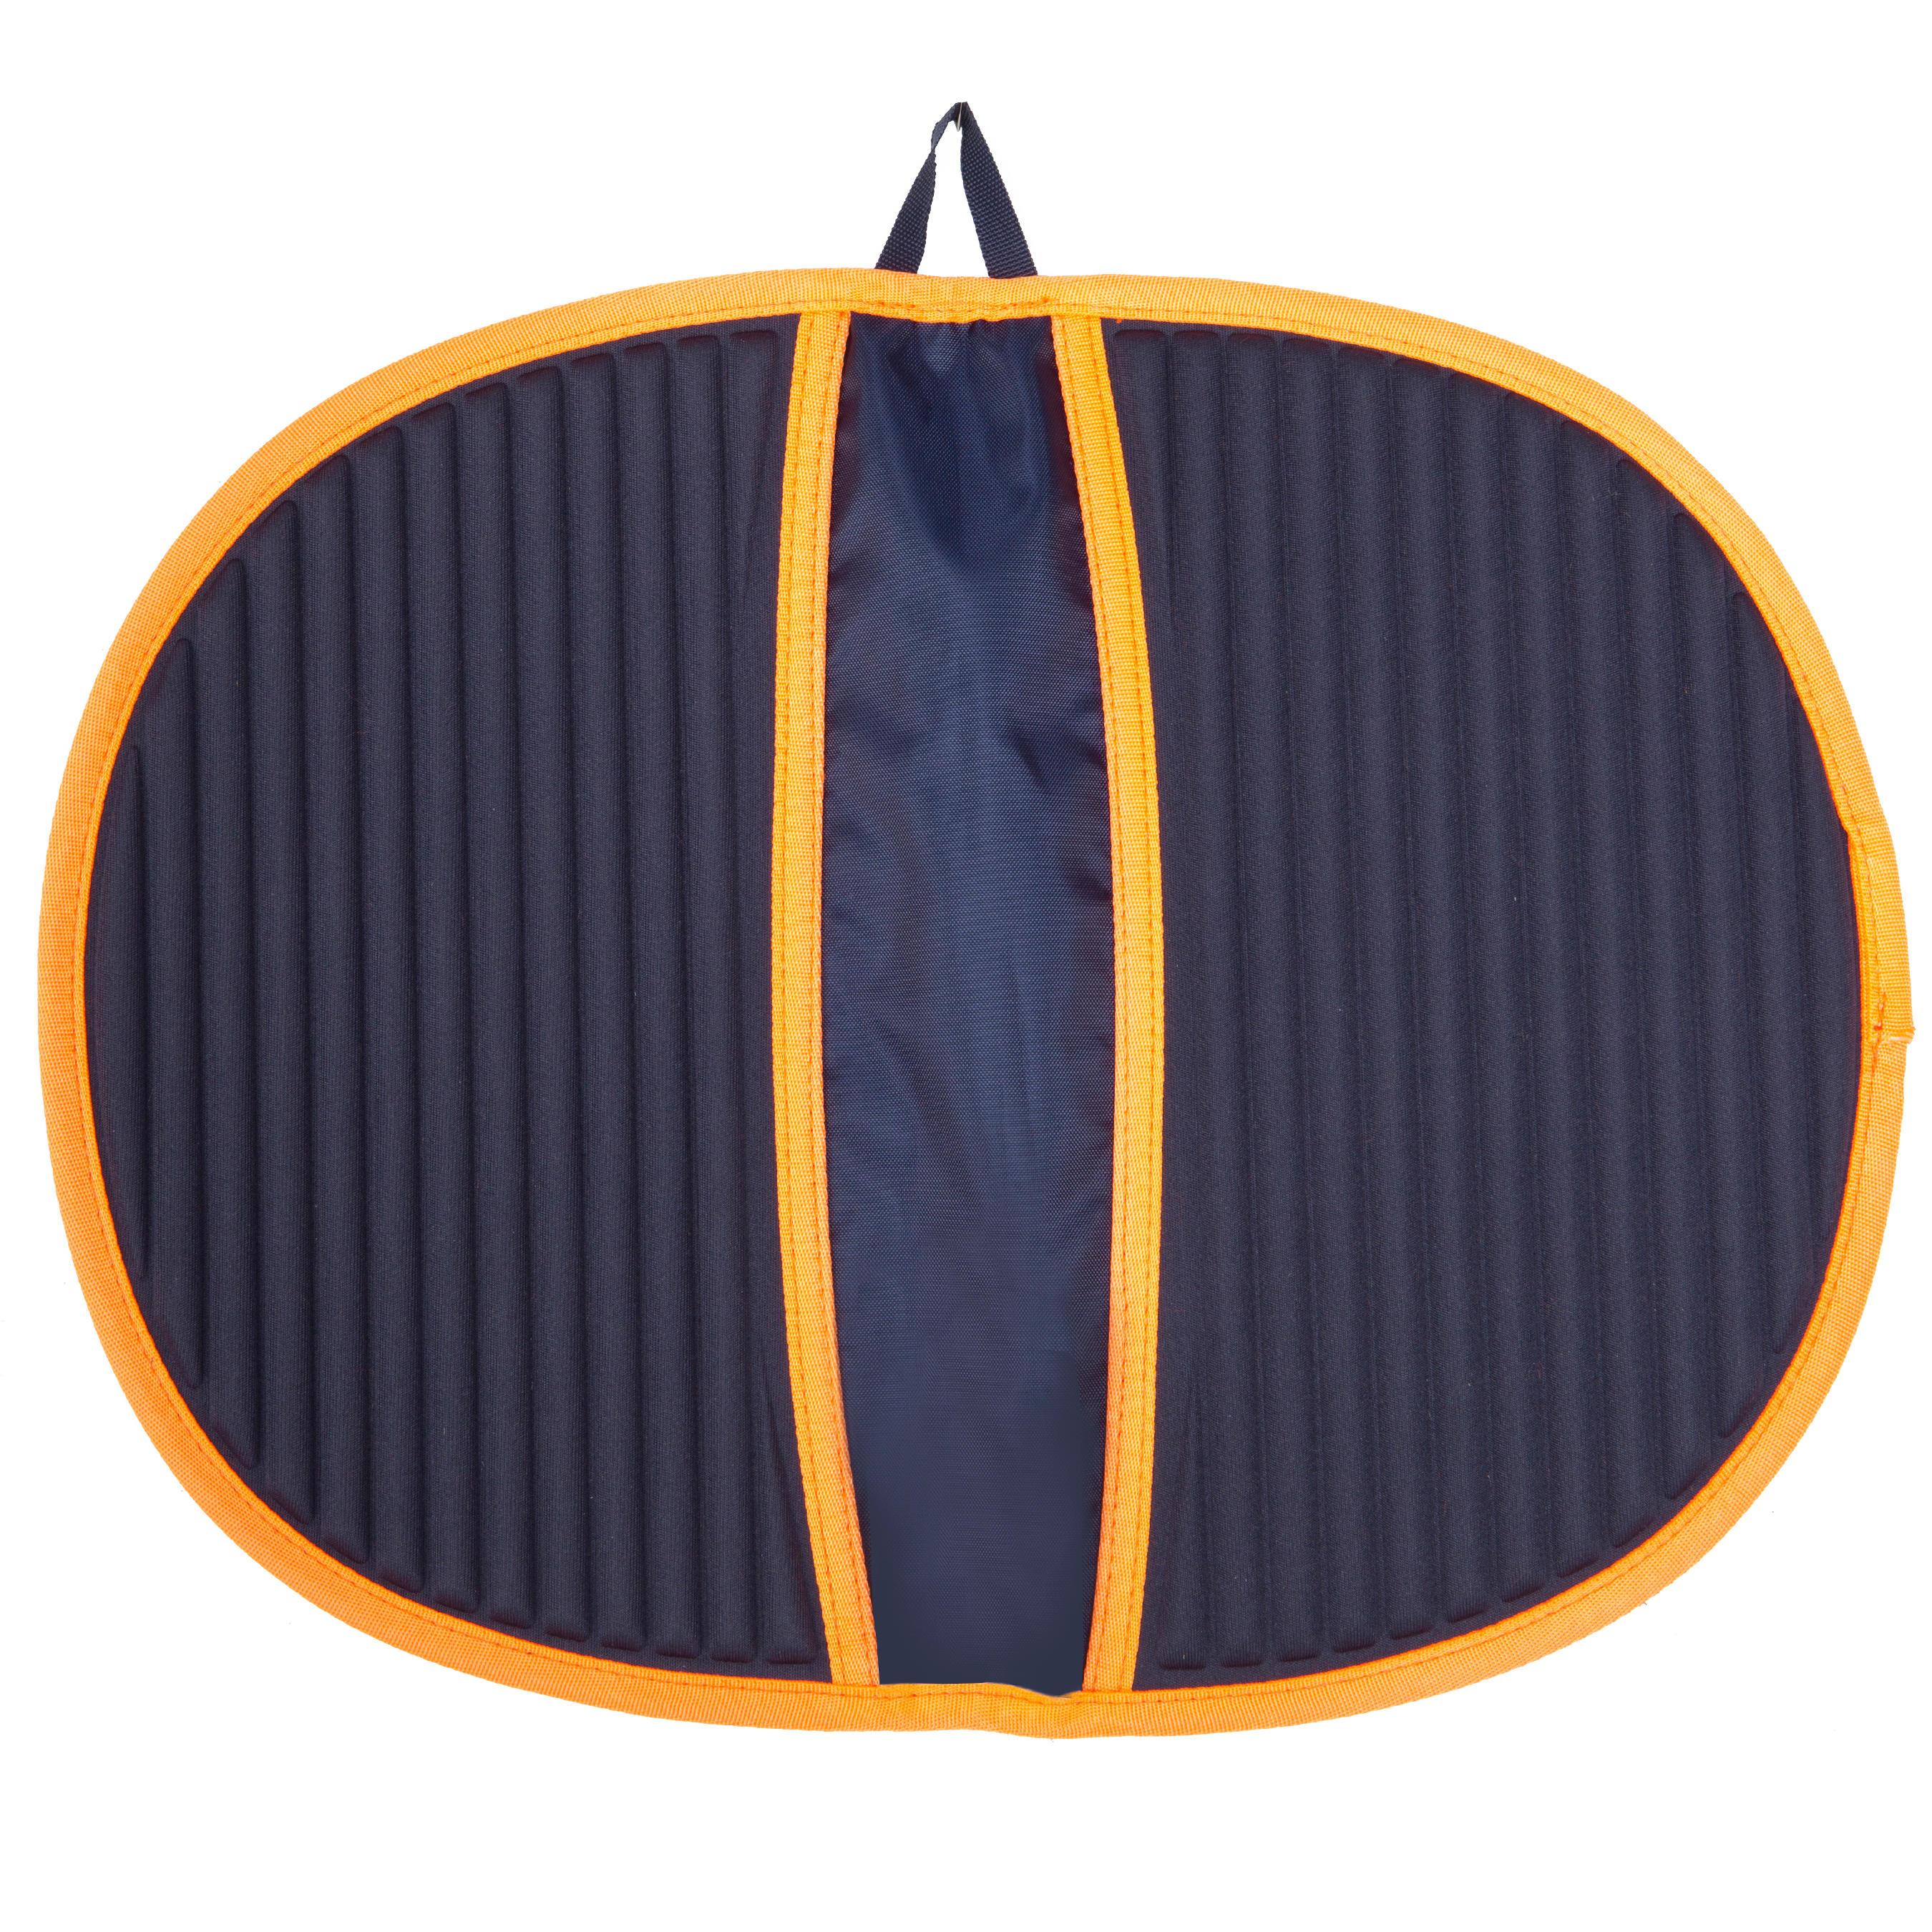 Tapis de sol HYGIENE FEET bleu orange